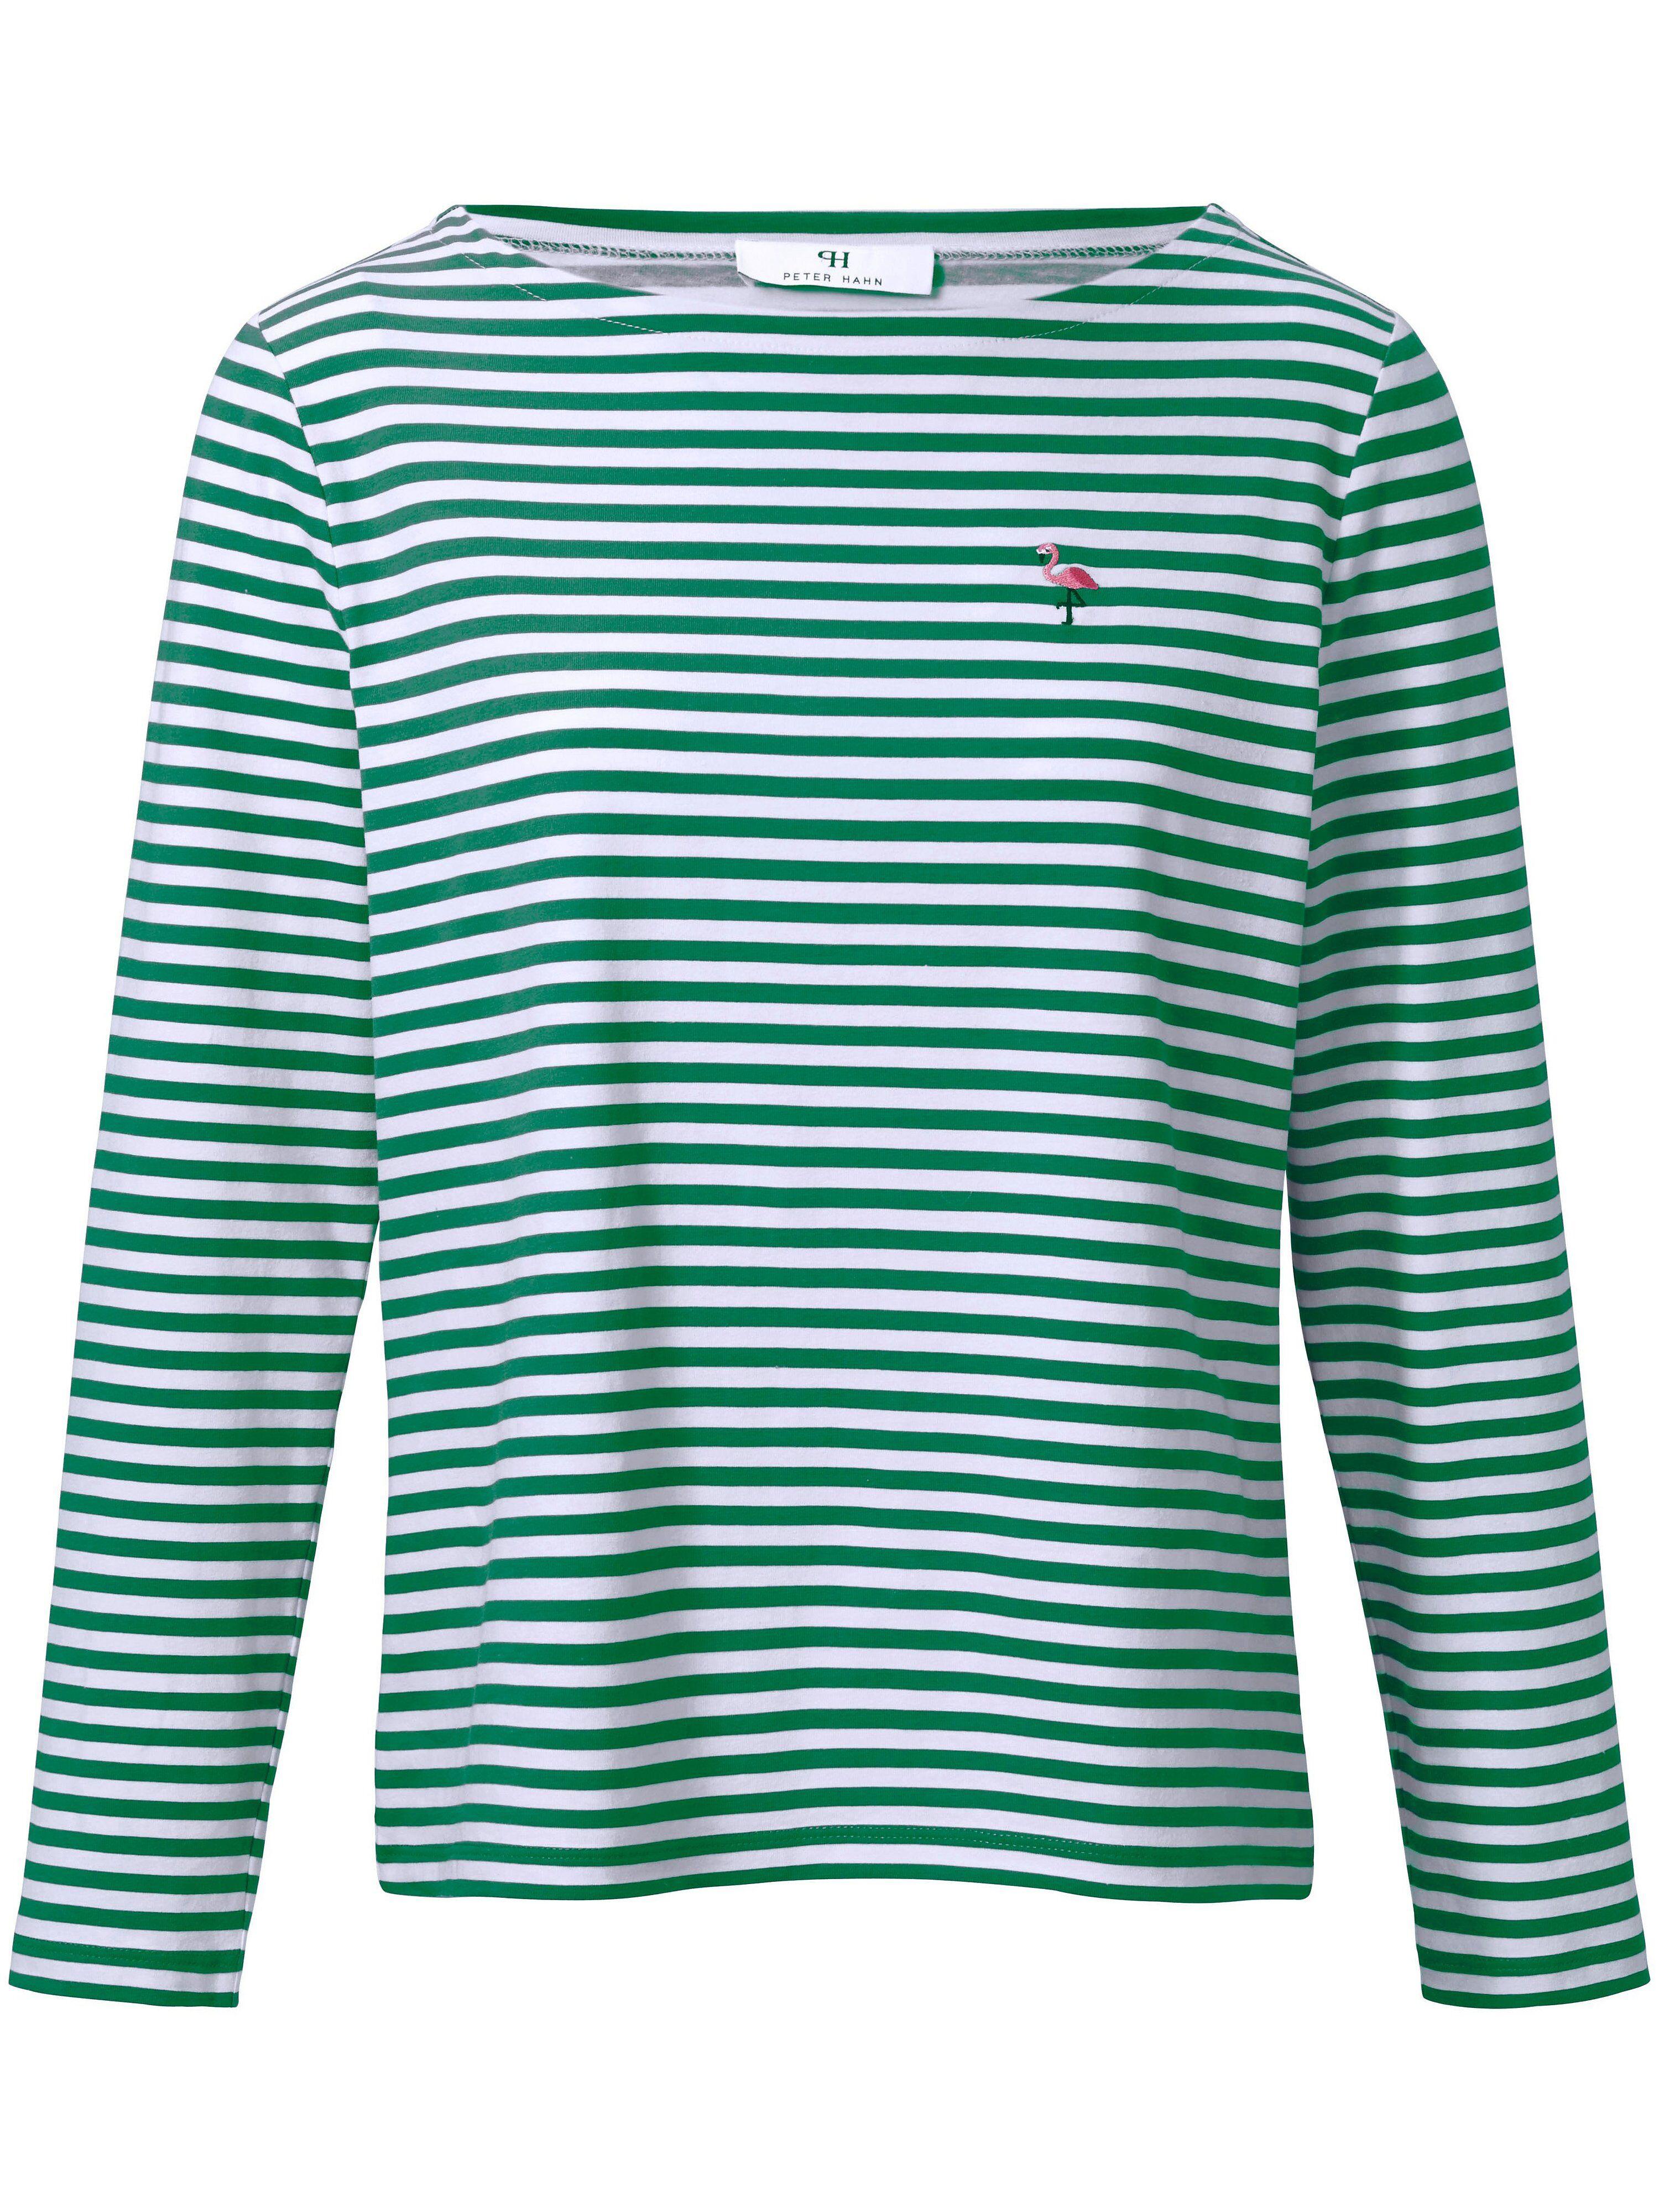 Peter Hahn T-shirt  Peter Hahn vert  - Femme - 38